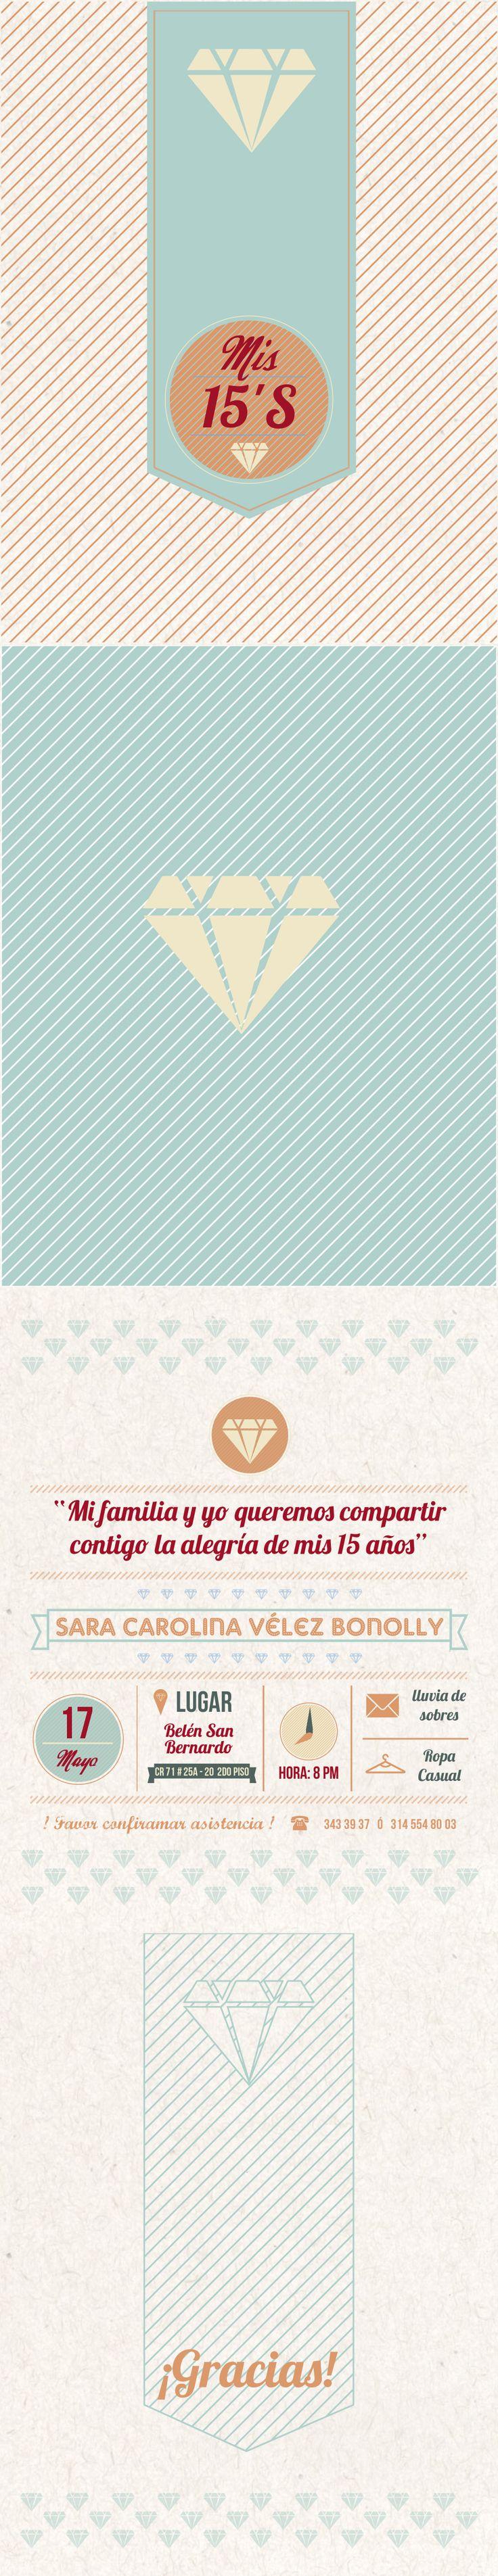 Tarjeta de invitación de cumpleaños 15's para Sara Carolina Vélez Birthday Invitation card